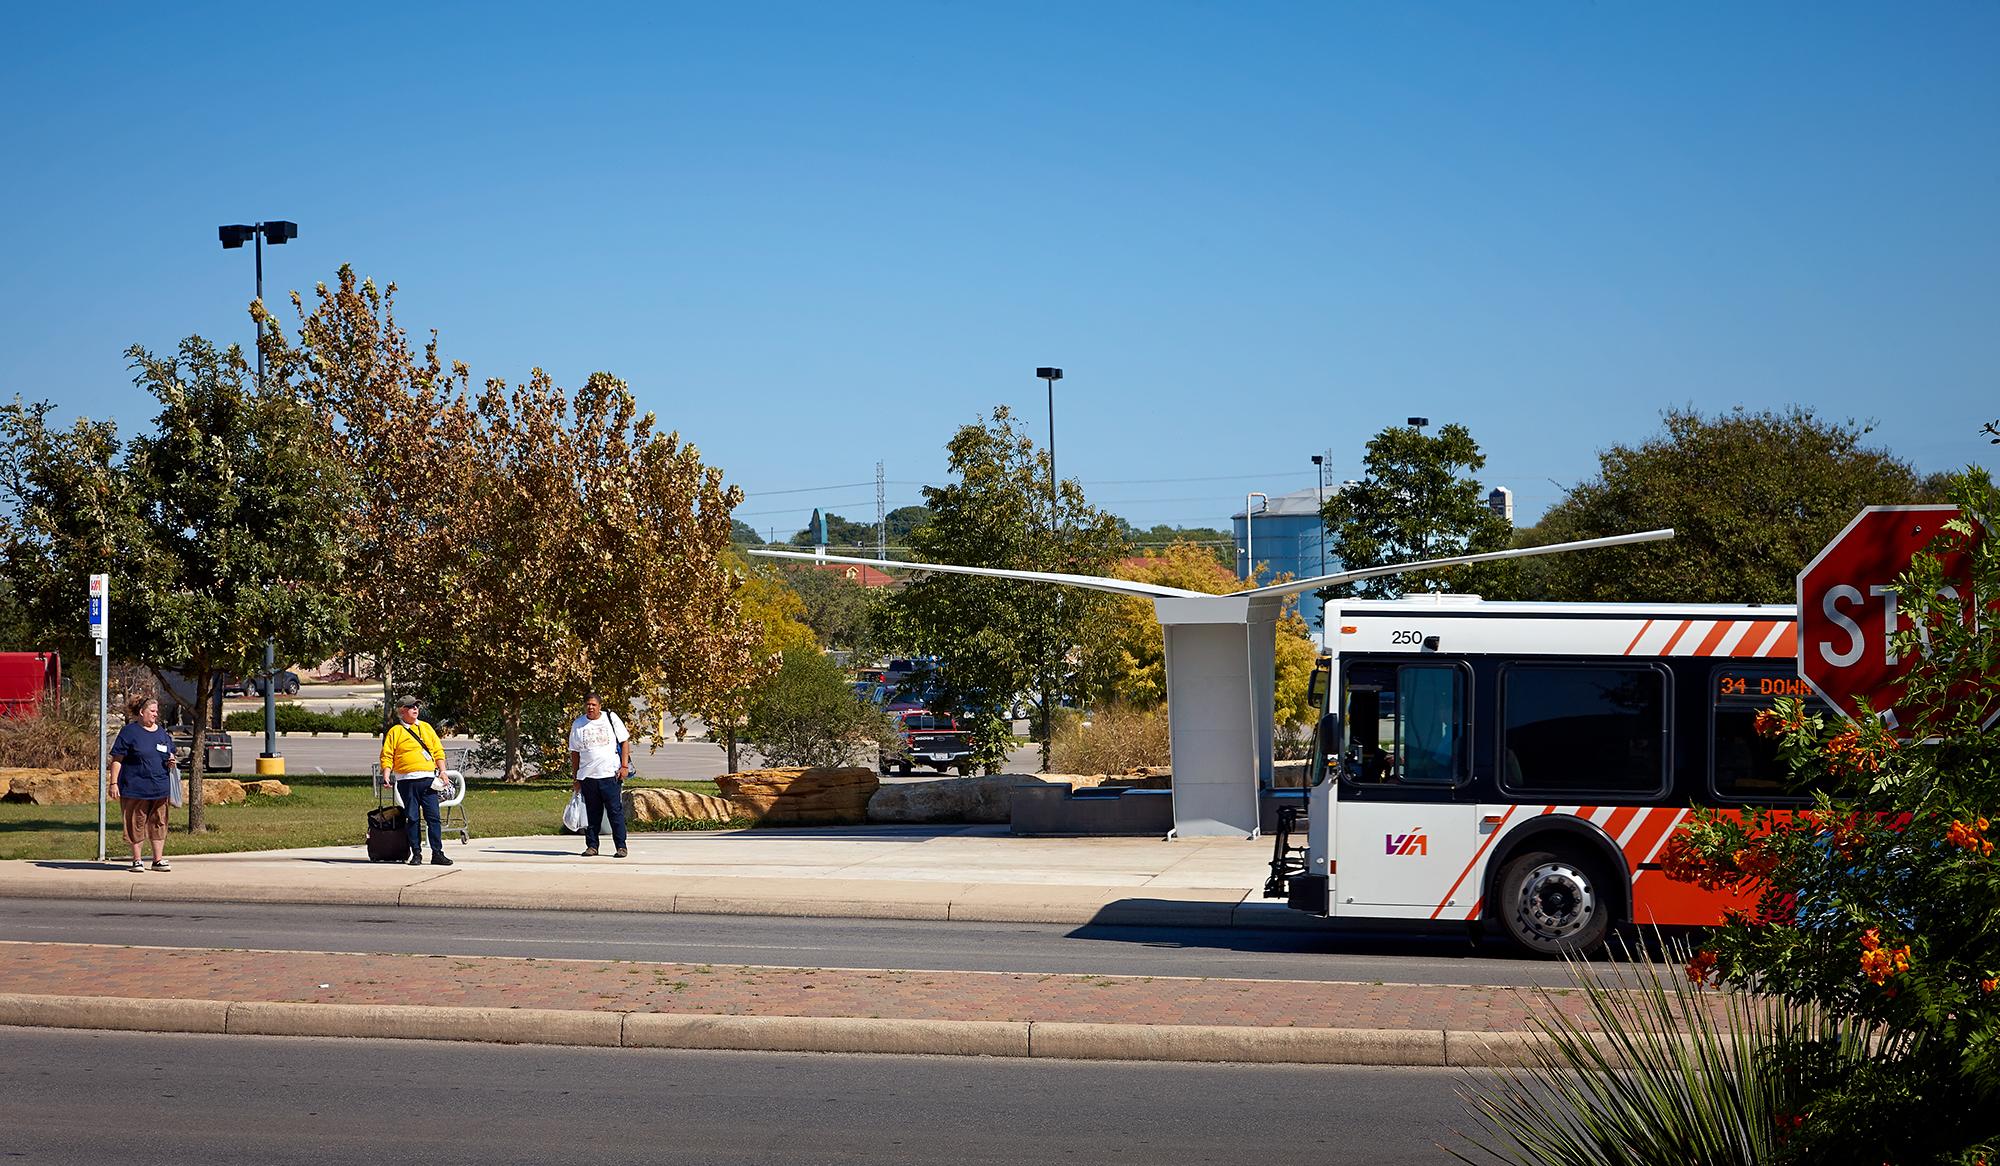 05_via bus stop.jpg